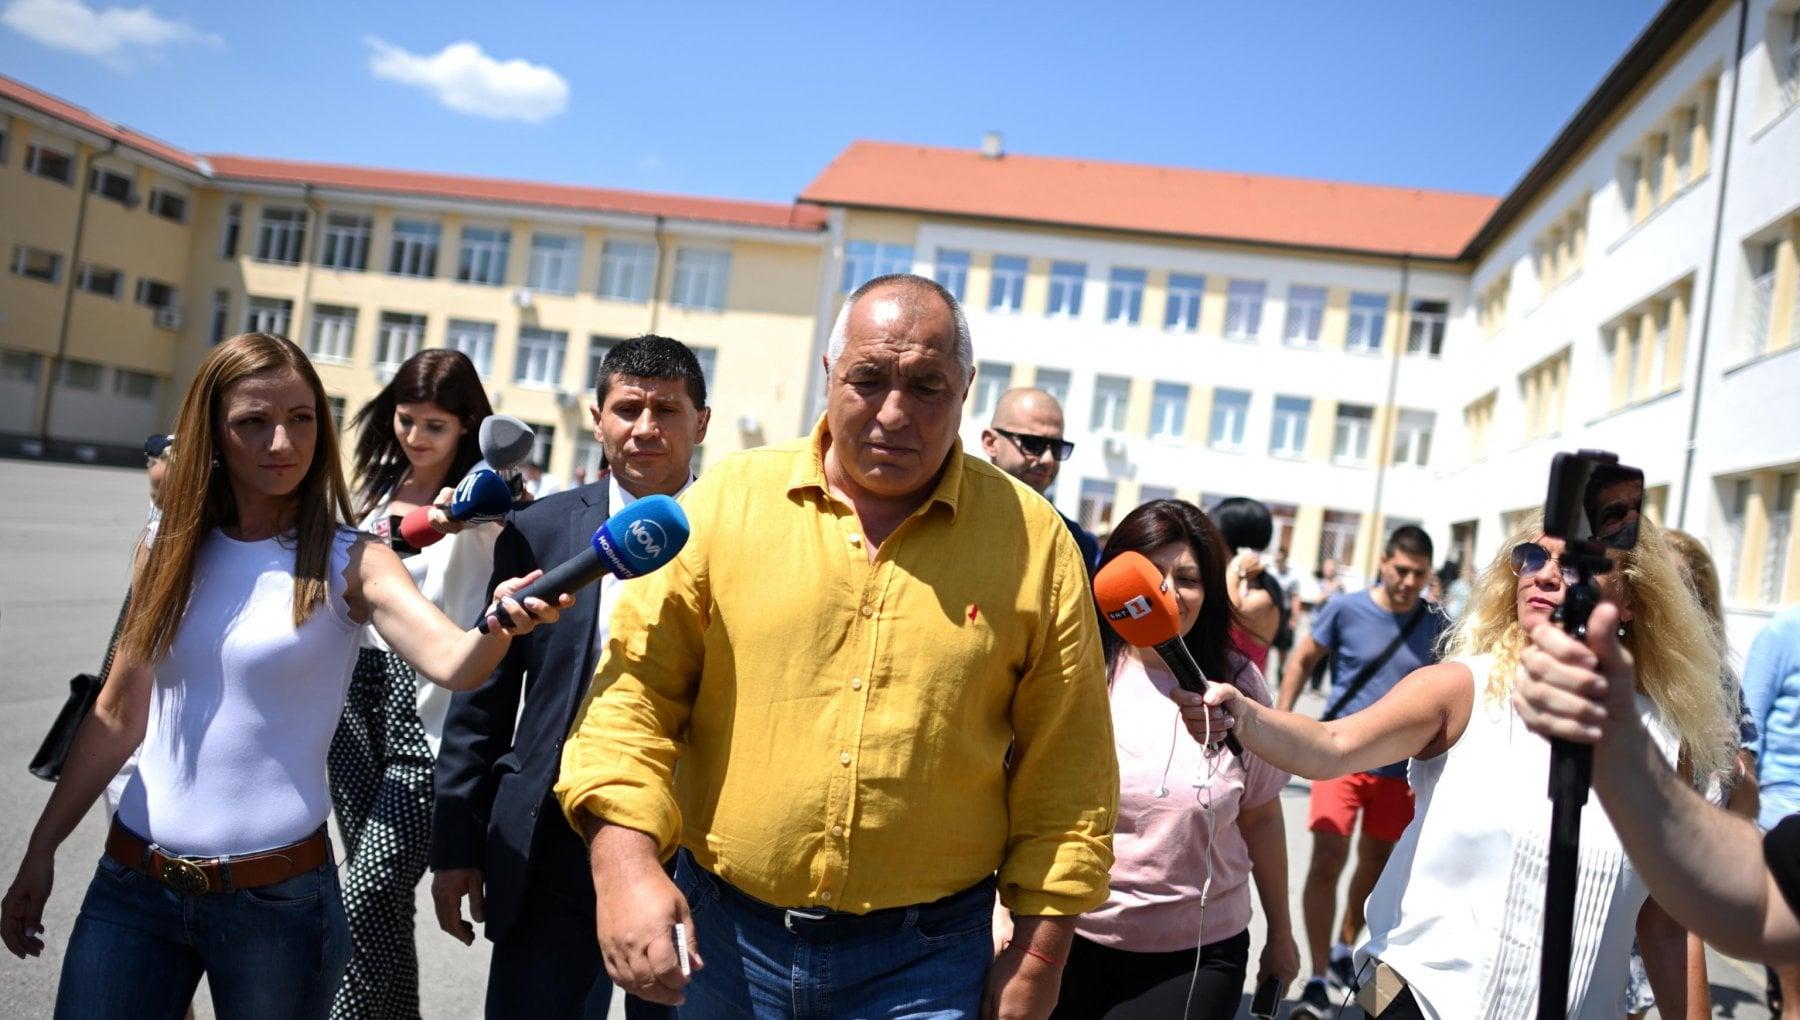 220115420 2ae4325d 7829 42e9 945c 9e2b9f8d91fc - Bulgaria, il voto non scioglie la crisi: testa a testa tra Borisov e Trifonov